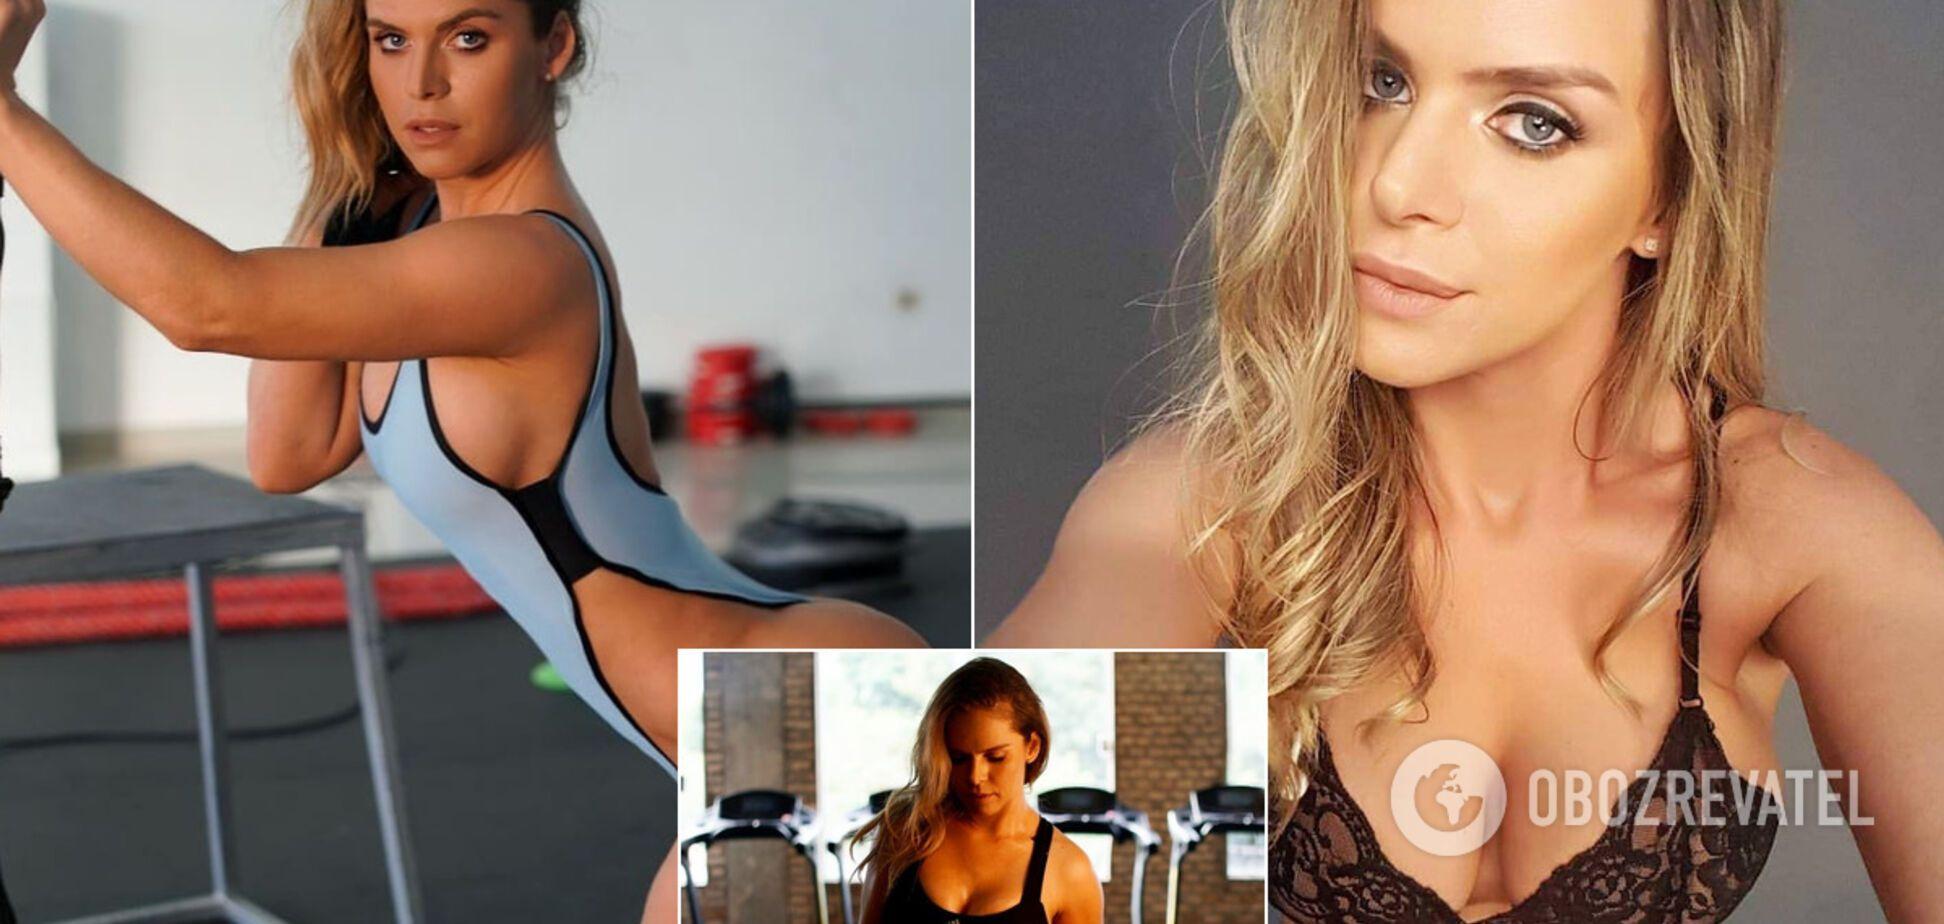 Знаменитая фитнес-модель снялась в обнаженной лесбийской фотосессии